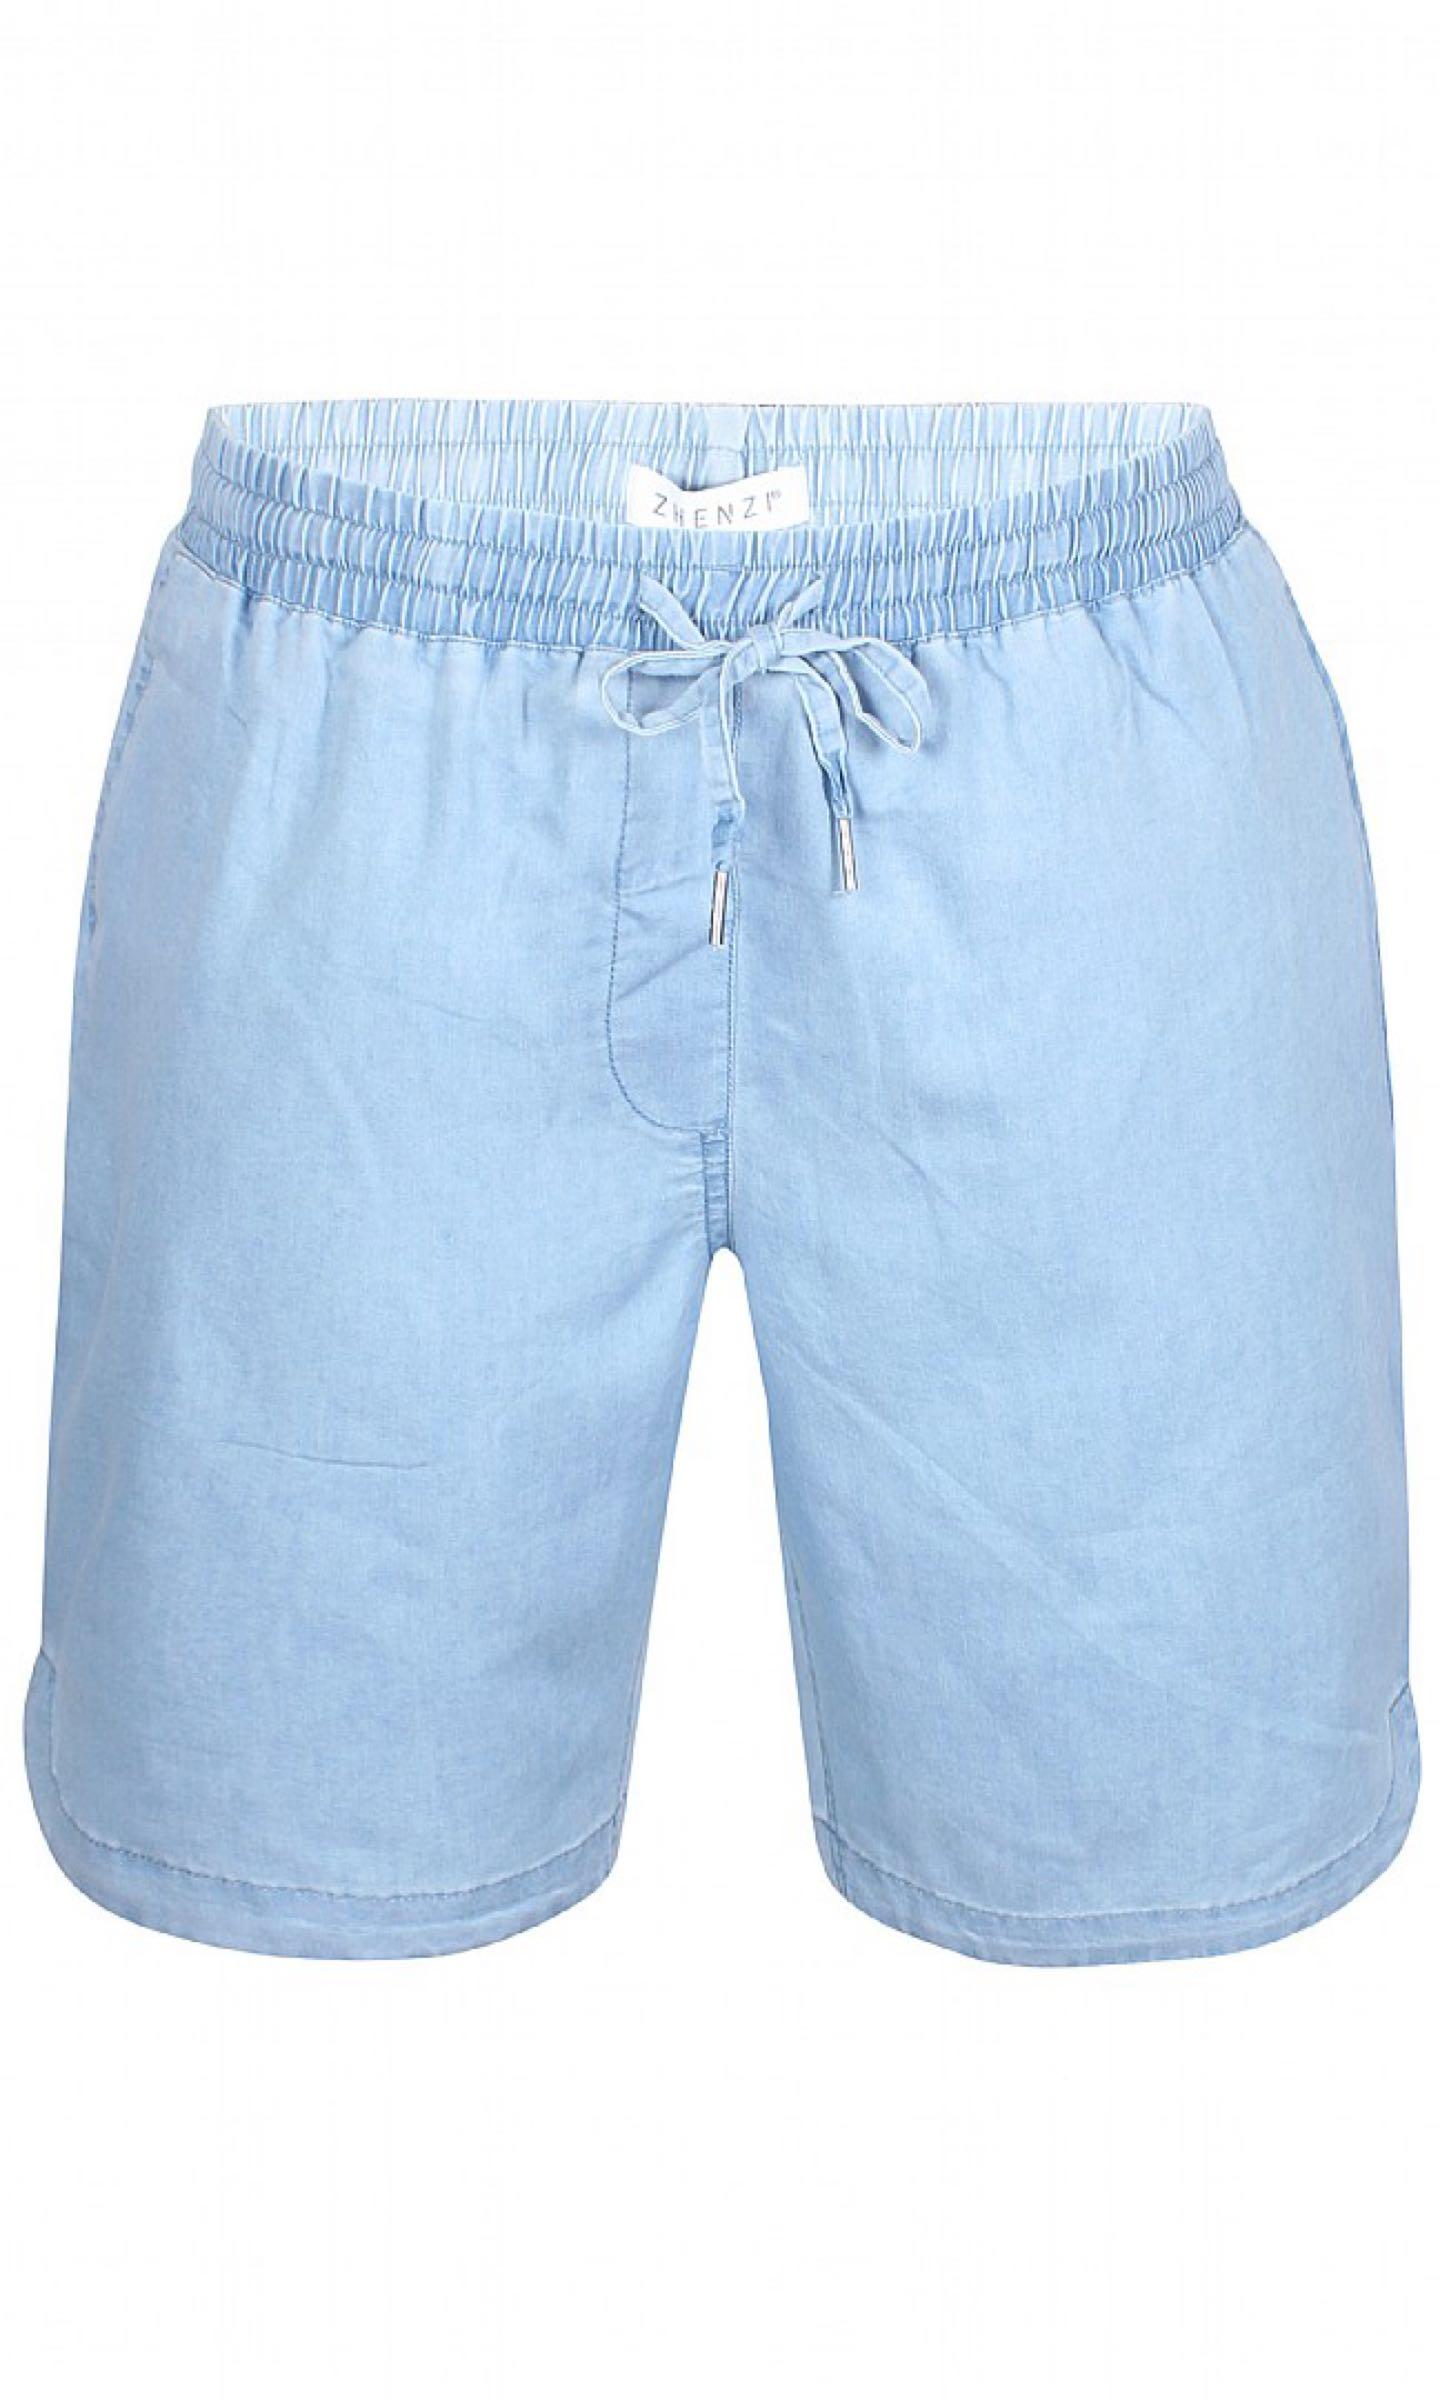 Shorts, ljus denim